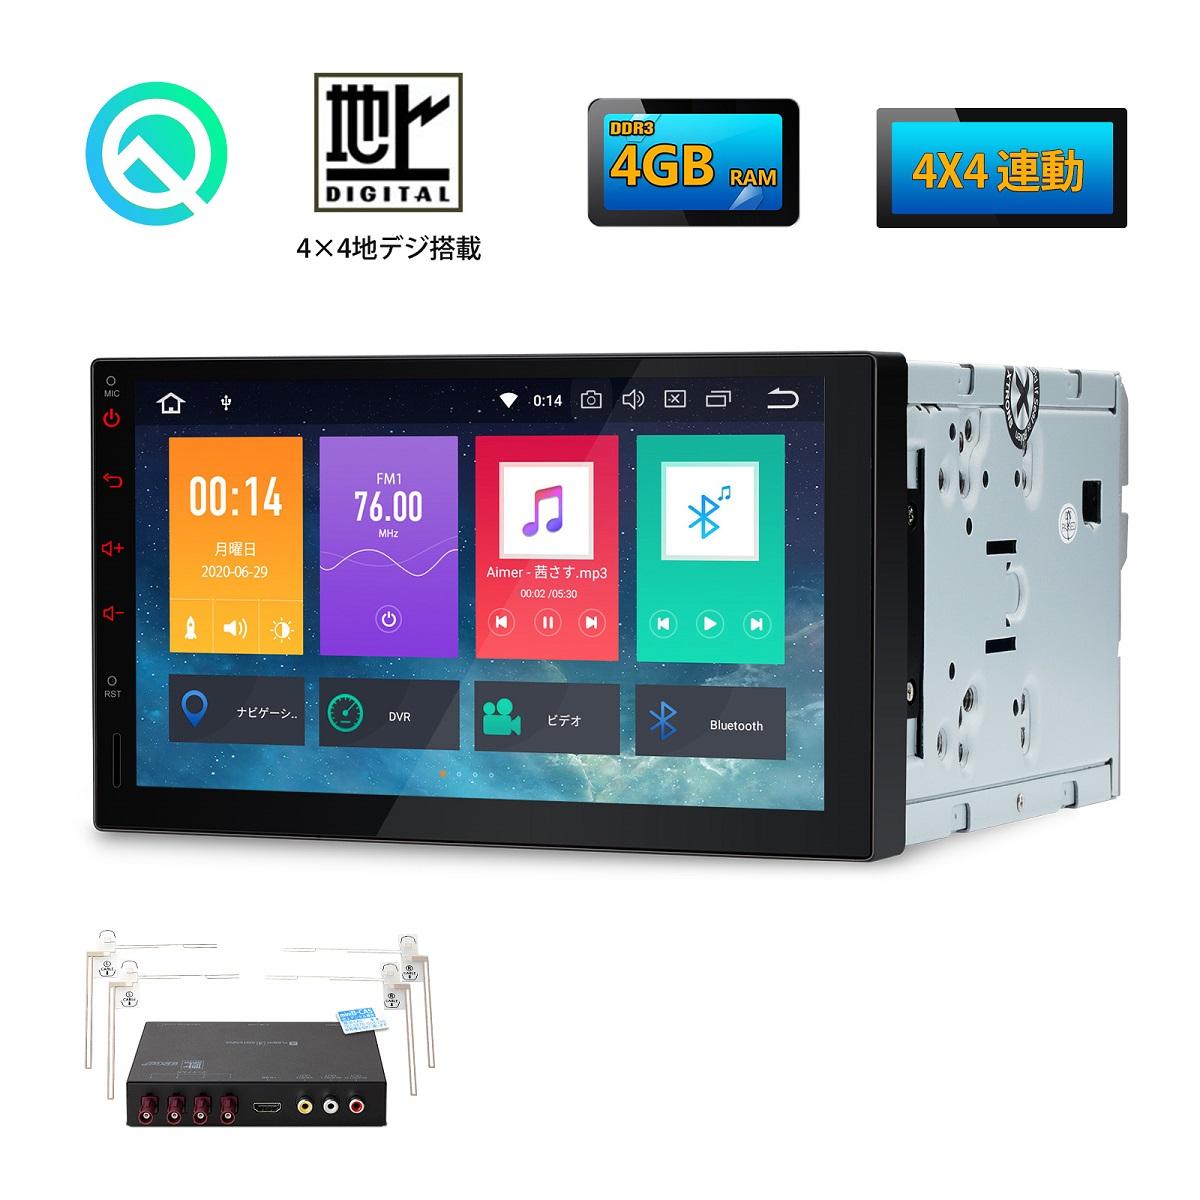 (TB700SIL) XTRONS 7インチ 8コアAndroid10.0 ROM32GB+RAM4GB フルセグ 4x4地デジ搭載 アプリ連動操作可 静電式2DIN一体型車載PC カーナビ OBD2 4G WIFI ミラーリング TPMS対応